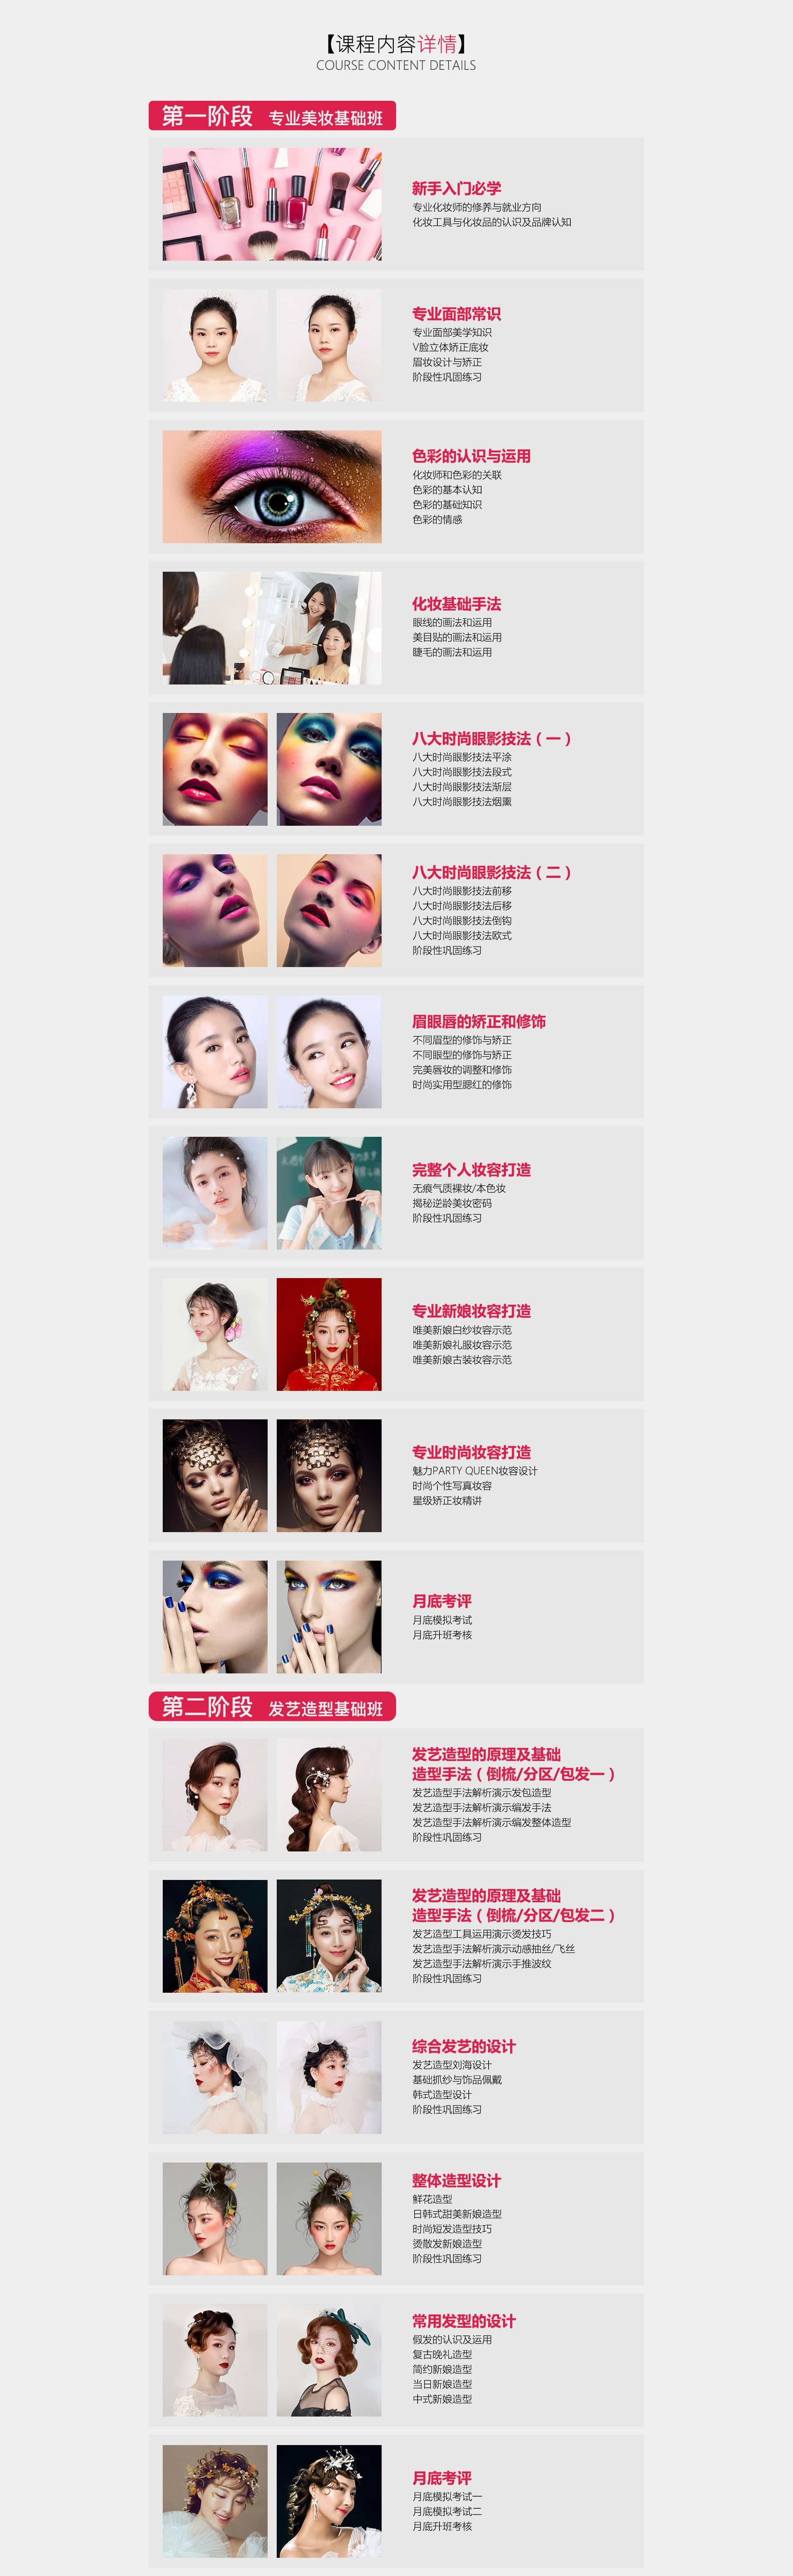 時尚化妝造型設計全能班詳情頁_02